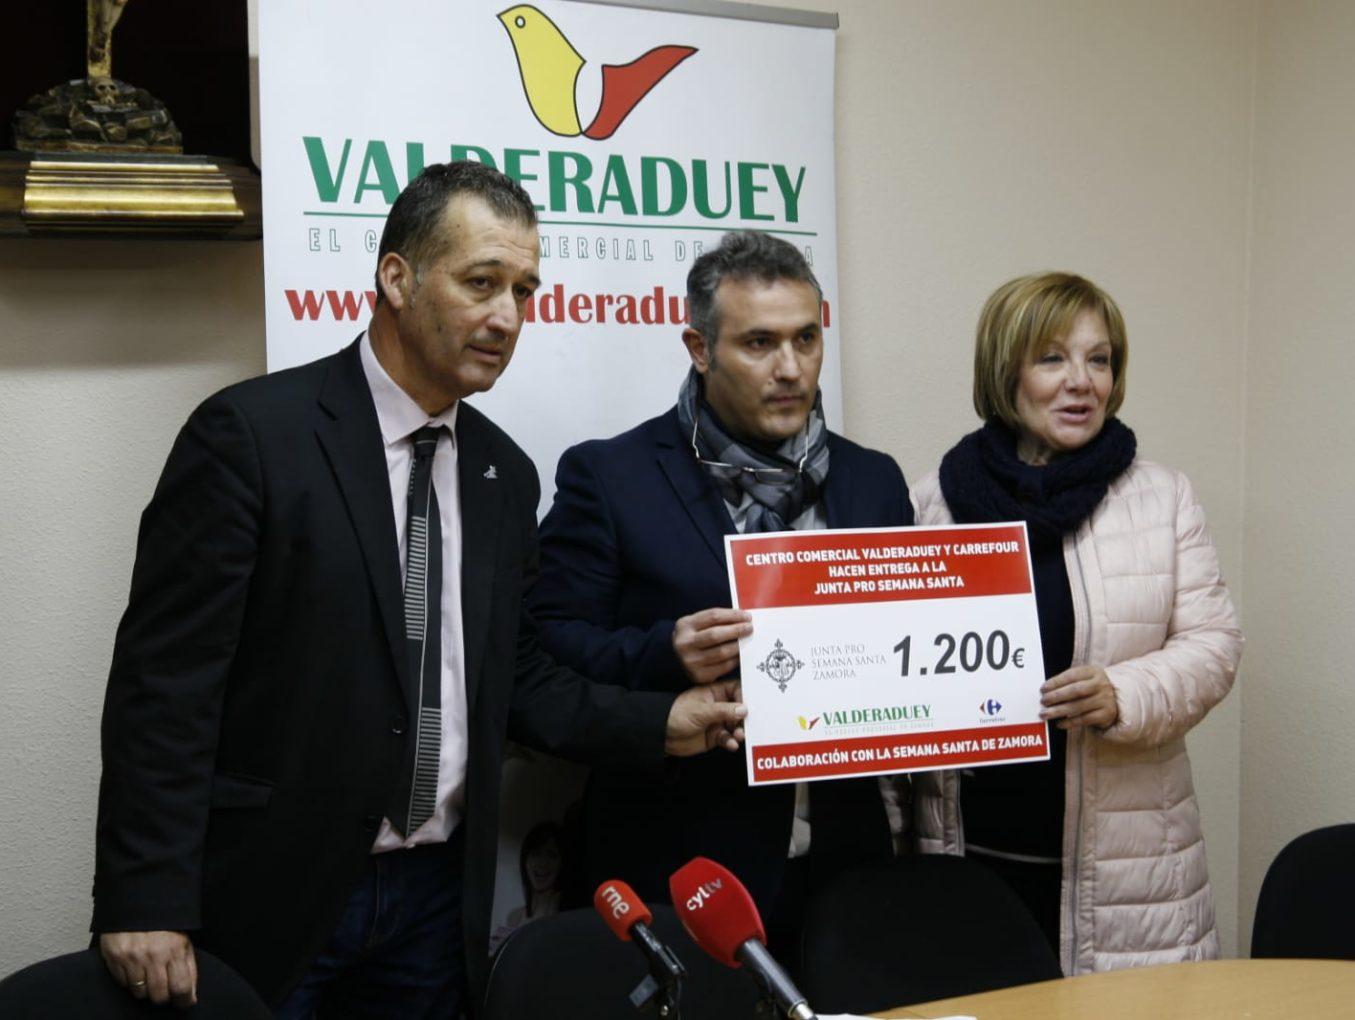 El Centro Comercial Valderaduey entrega a la Junta pro Semana Santa 1.200 euros para la organización del Congreso Nacional de Cofradías